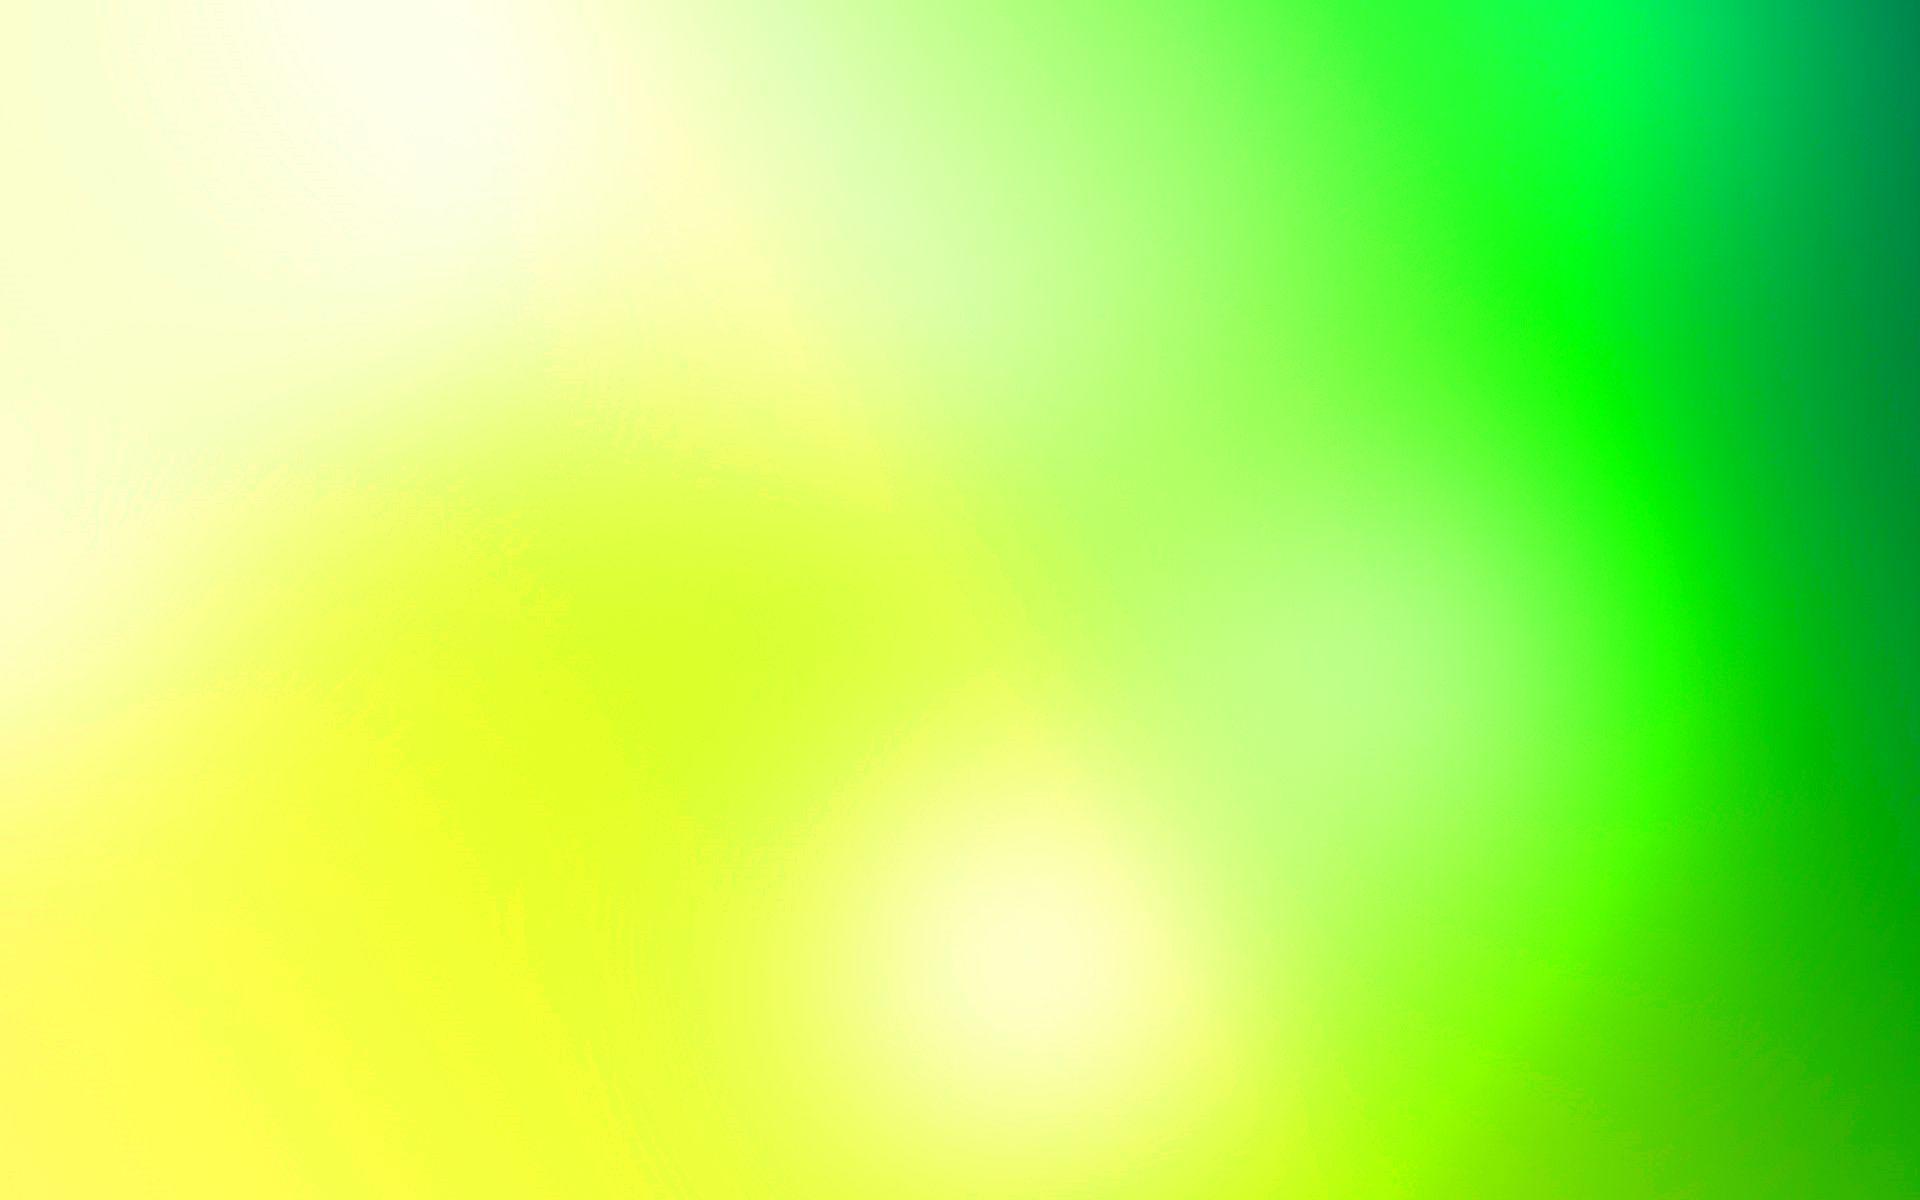 Жёлто зелёный фон обои для рабочего